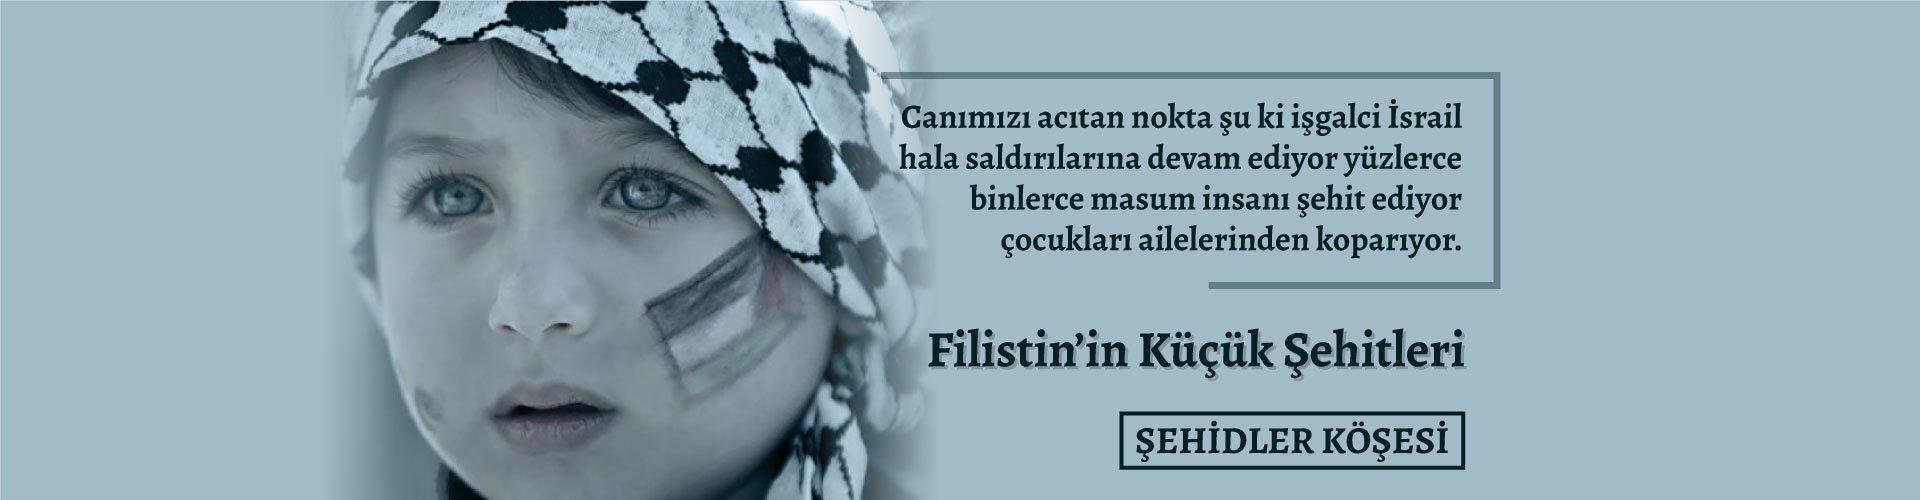 Filistin'in Küçük Şehitleri